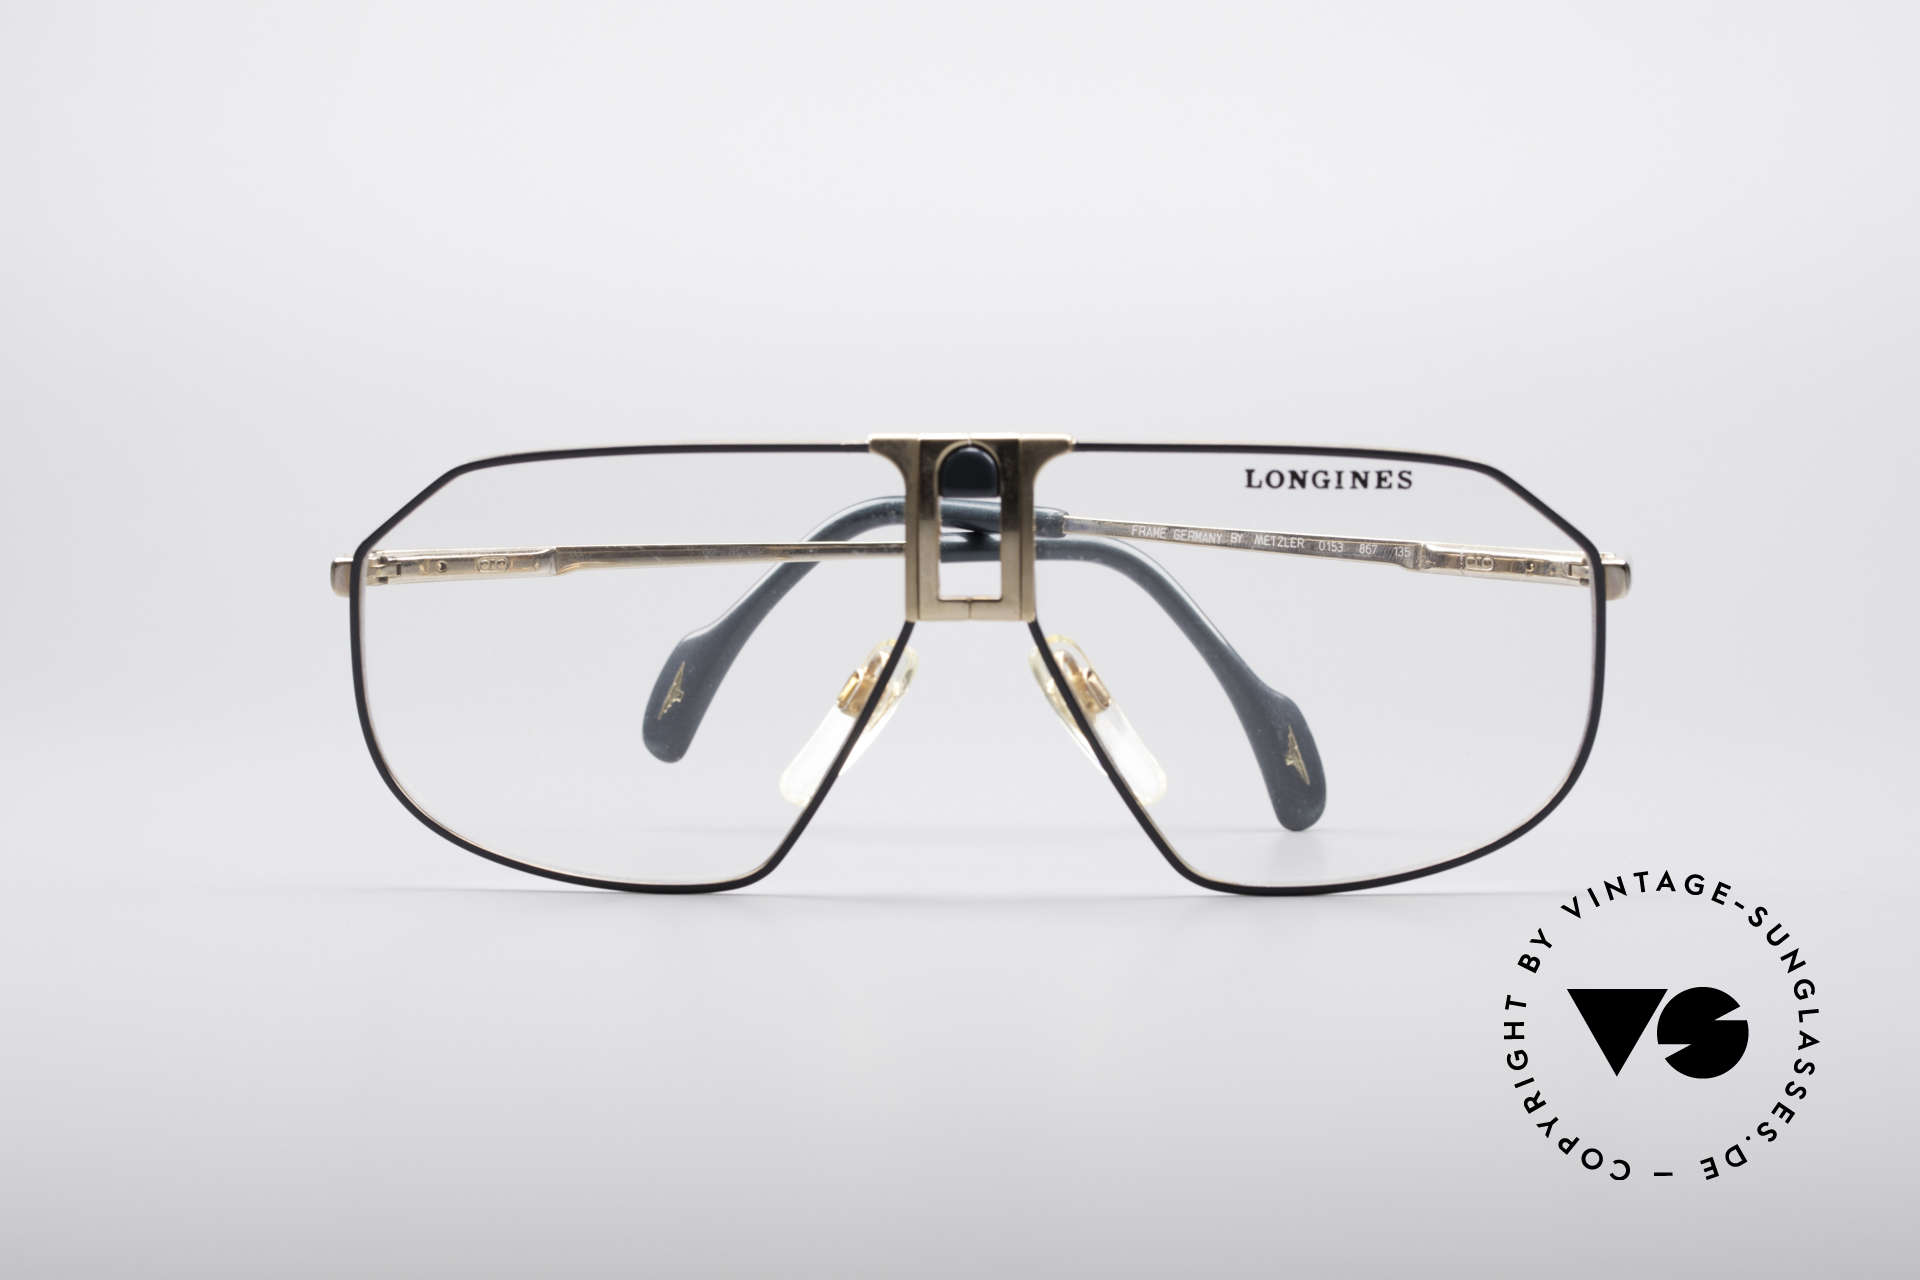 Longines 0153 80er Luxus Herrenbrille, KEINE Retrobrille, sondern ein altes 80er ORIGINAL, Passend für Herren